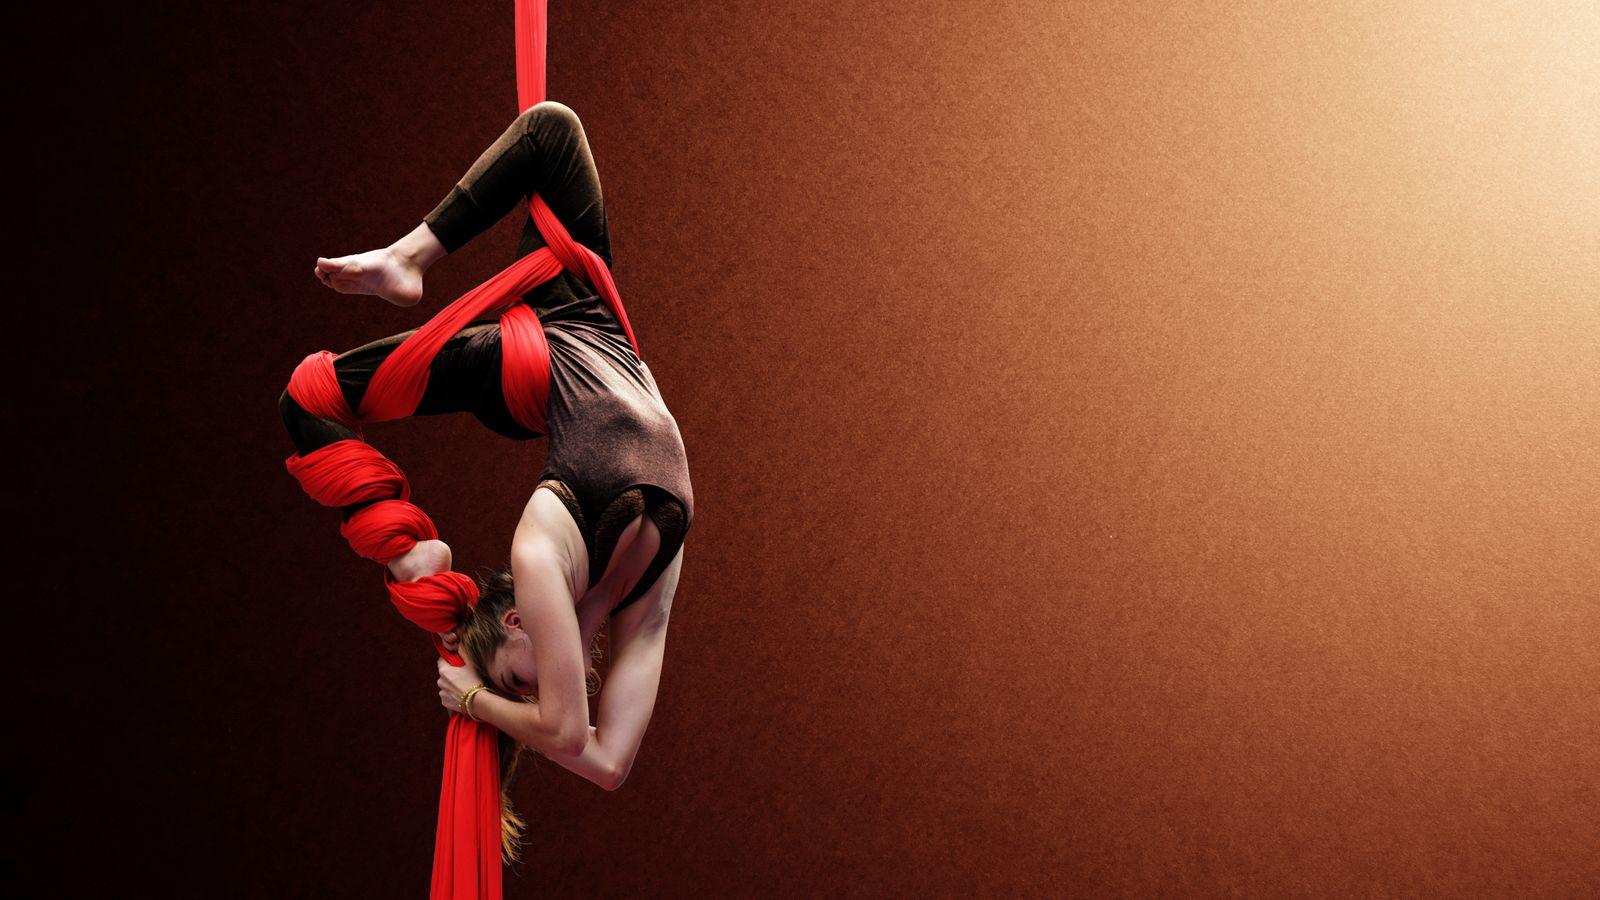 Margot est suspendue, en souplesse arrière, dans son tissu aérien, au gymnase d'Overground Circus à Lyon 5e. L'étoffe rouge est enroulée autour de sa jambe.